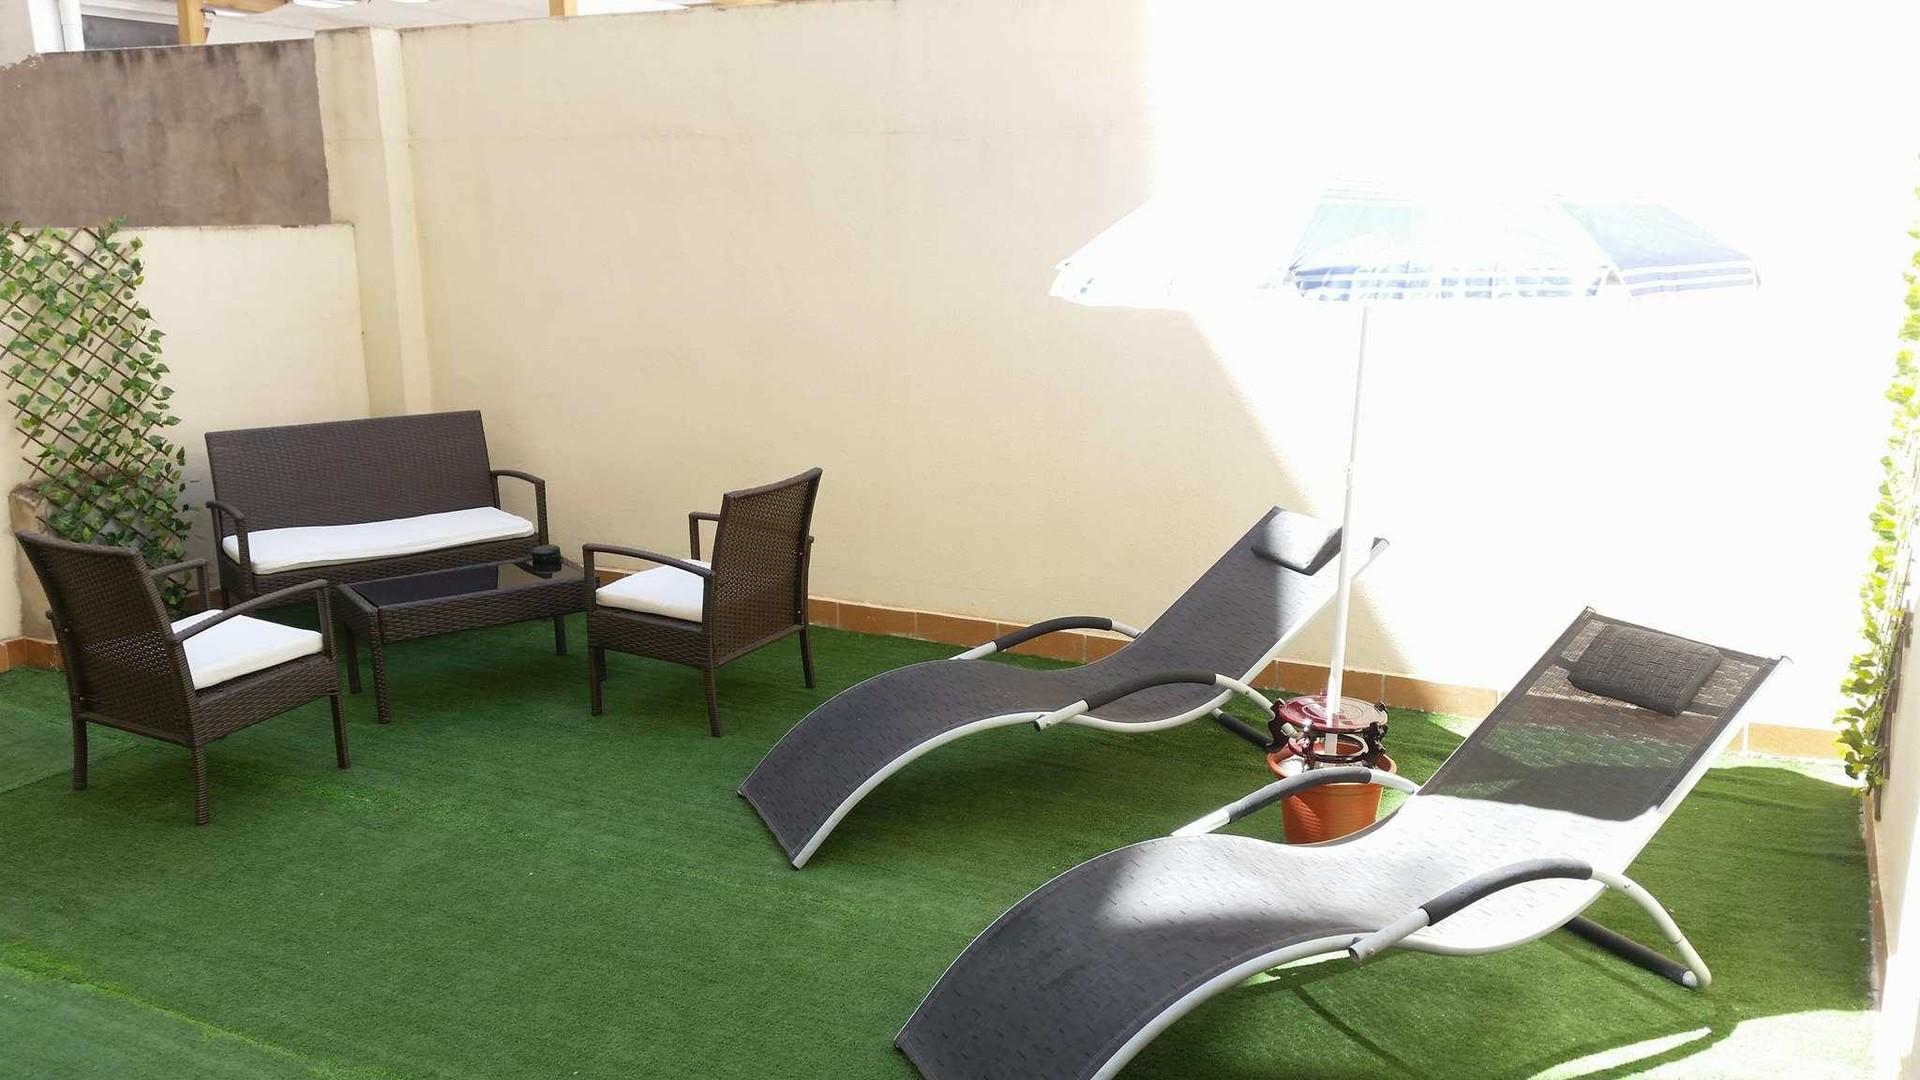 apartamento-4-habitaciones-gran-patio-privado-2b38ed50d48d416f7c87fed1a78ec429